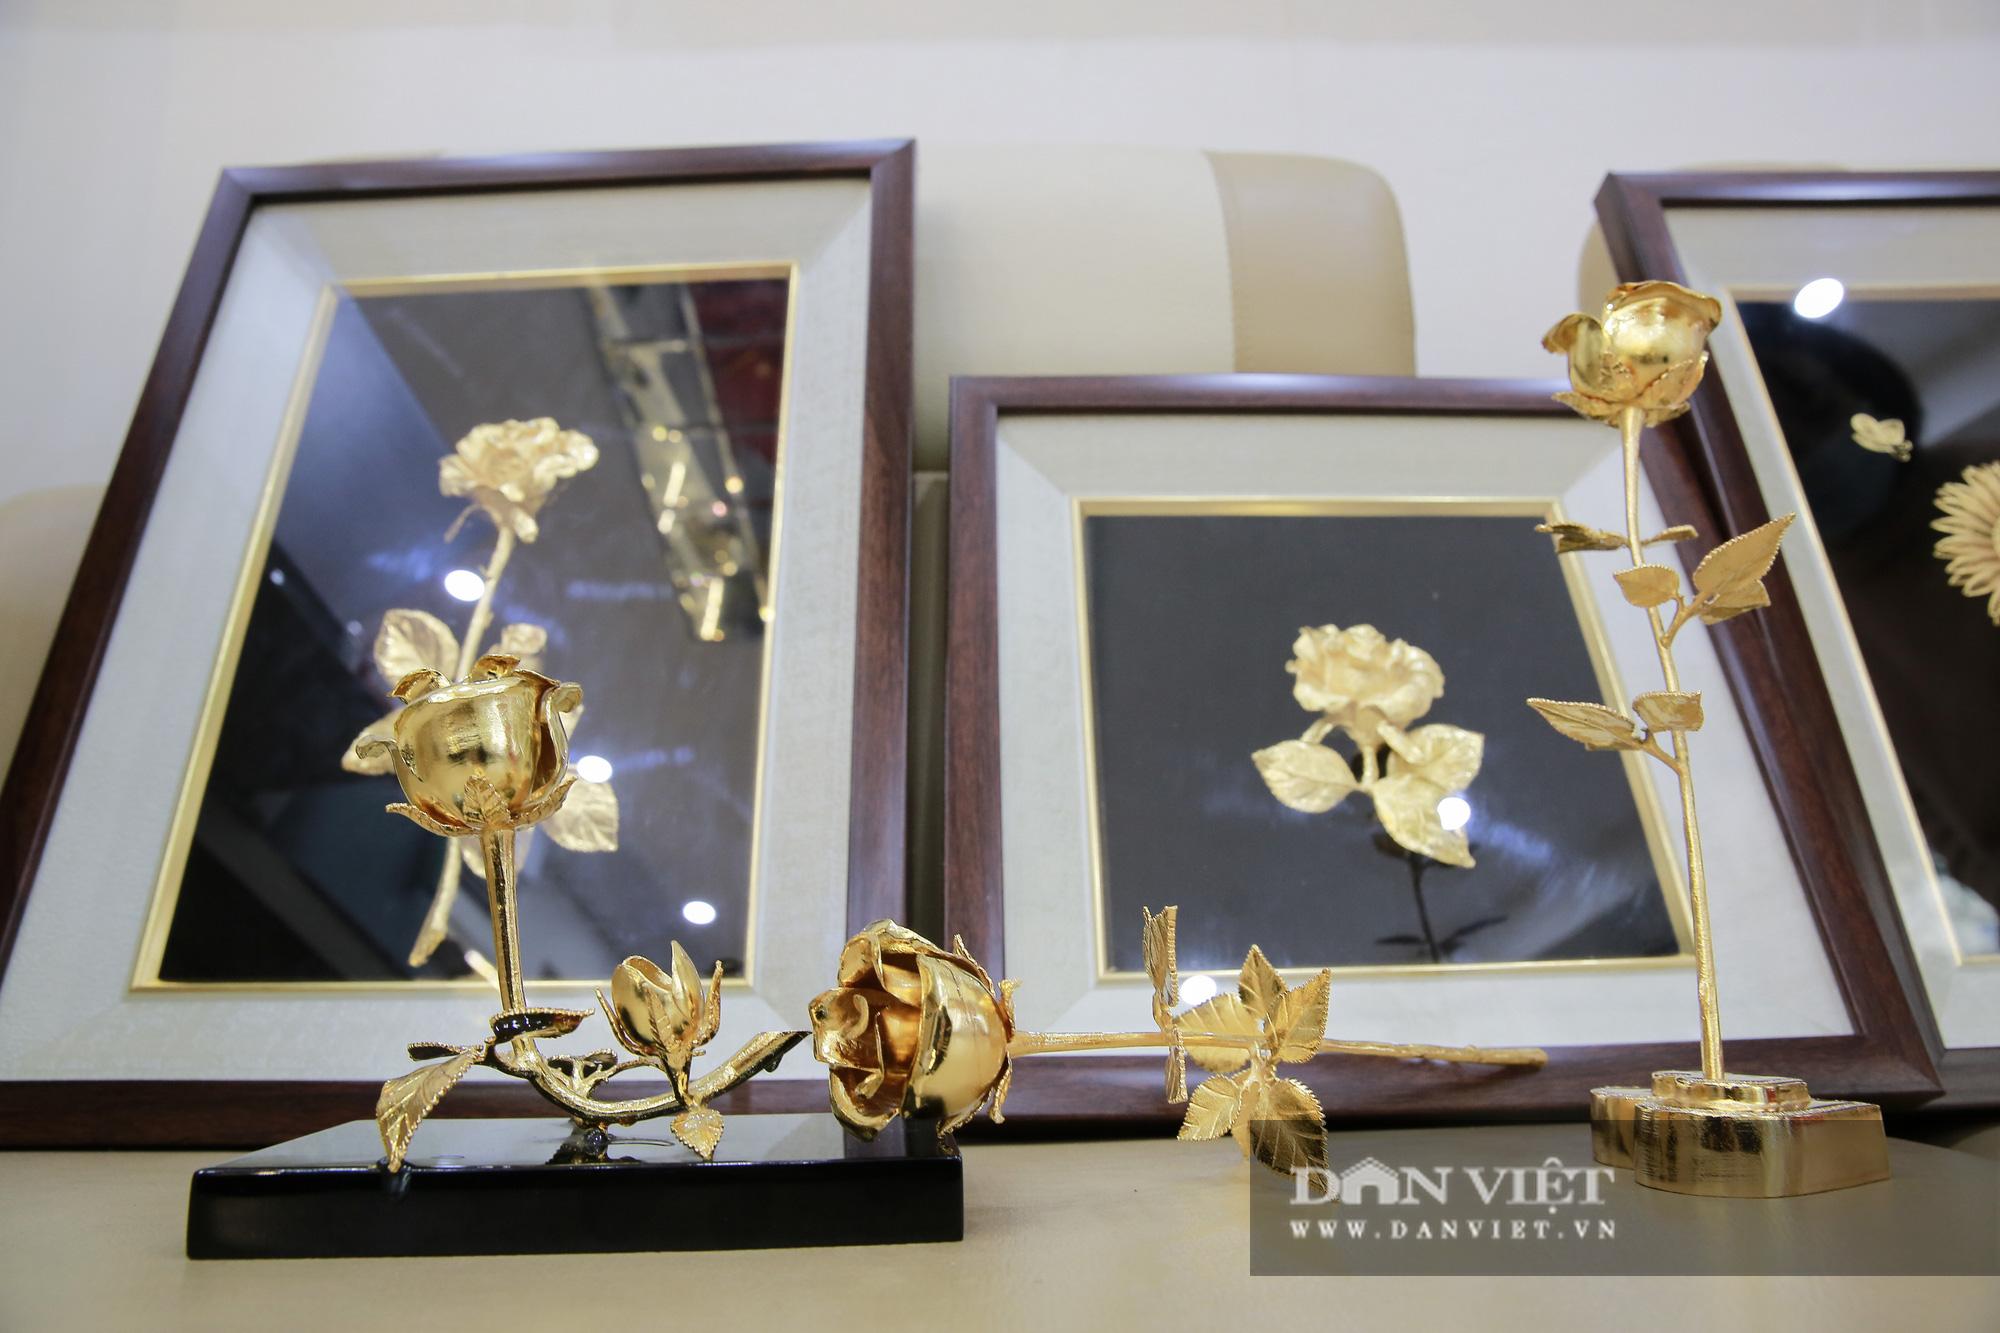 Thị trường quà tặng 8/3: Hoa, tranh, khuy cài áo mạ vàng cực đắt lên ngôi - Ảnh 4.